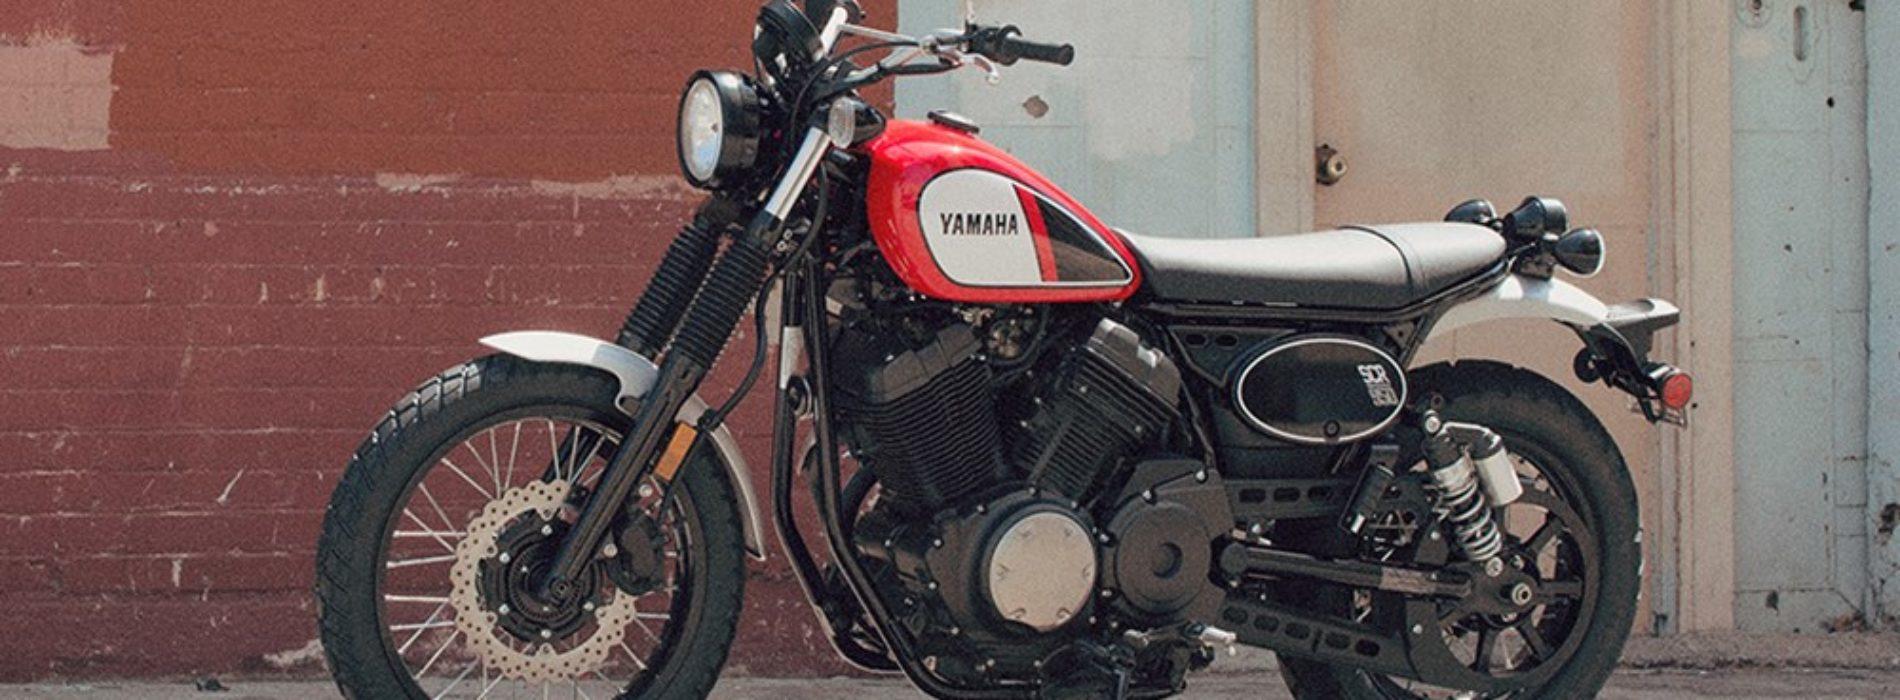 Yamaha muito forte em Colónia com novos modelos